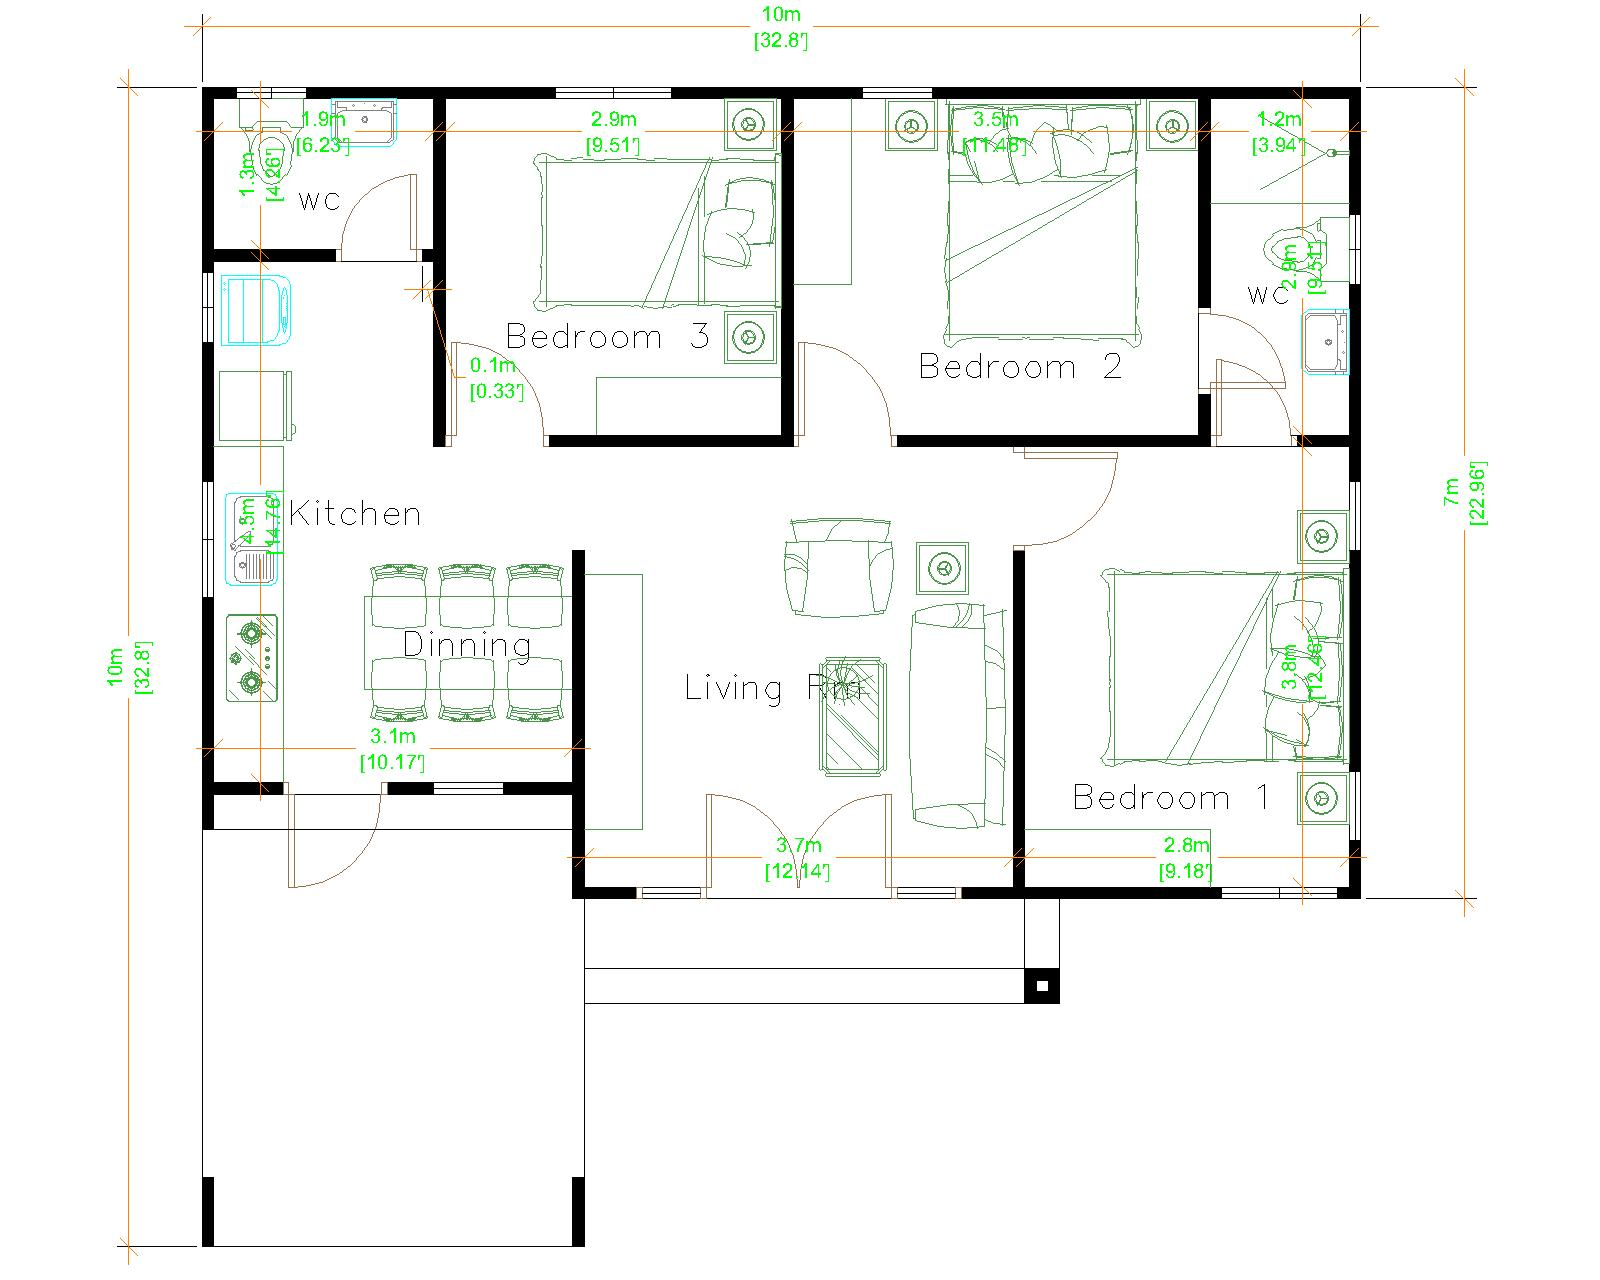 3d House Design 10x10 Meter 33x33 Feet 3 Beds Layout floor plan